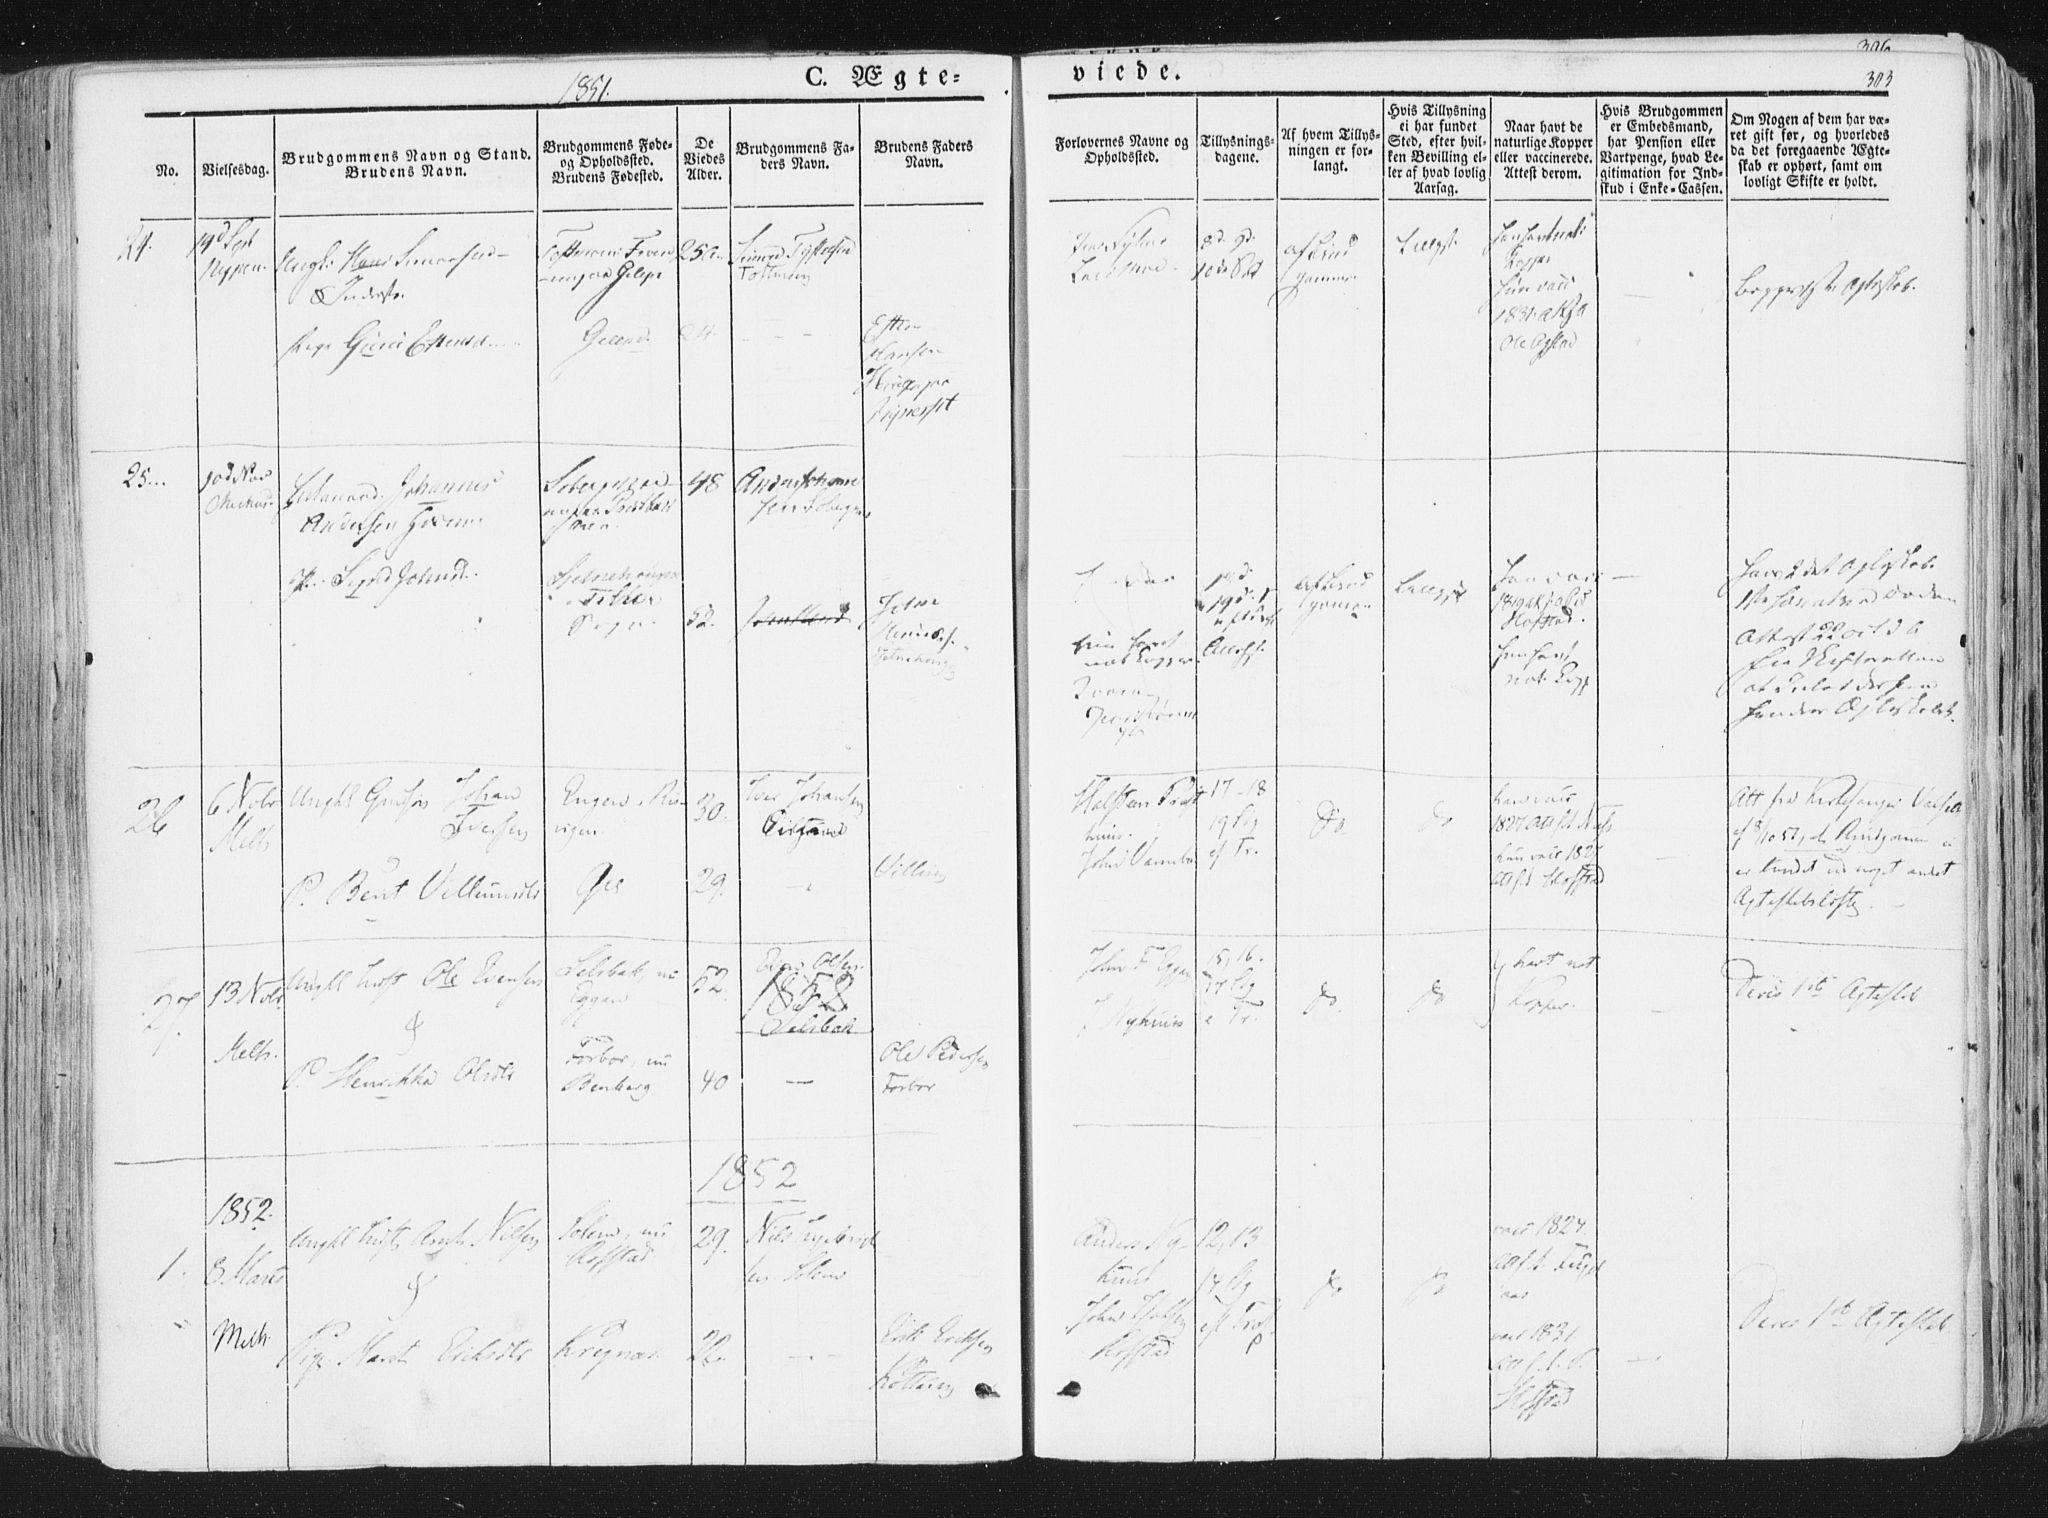 SAT, Ministerialprotokoller, klokkerbøker og fødselsregistre - Sør-Trøndelag, 691/L1074: Ministerialbok nr. 691A06, 1842-1852, s. 303